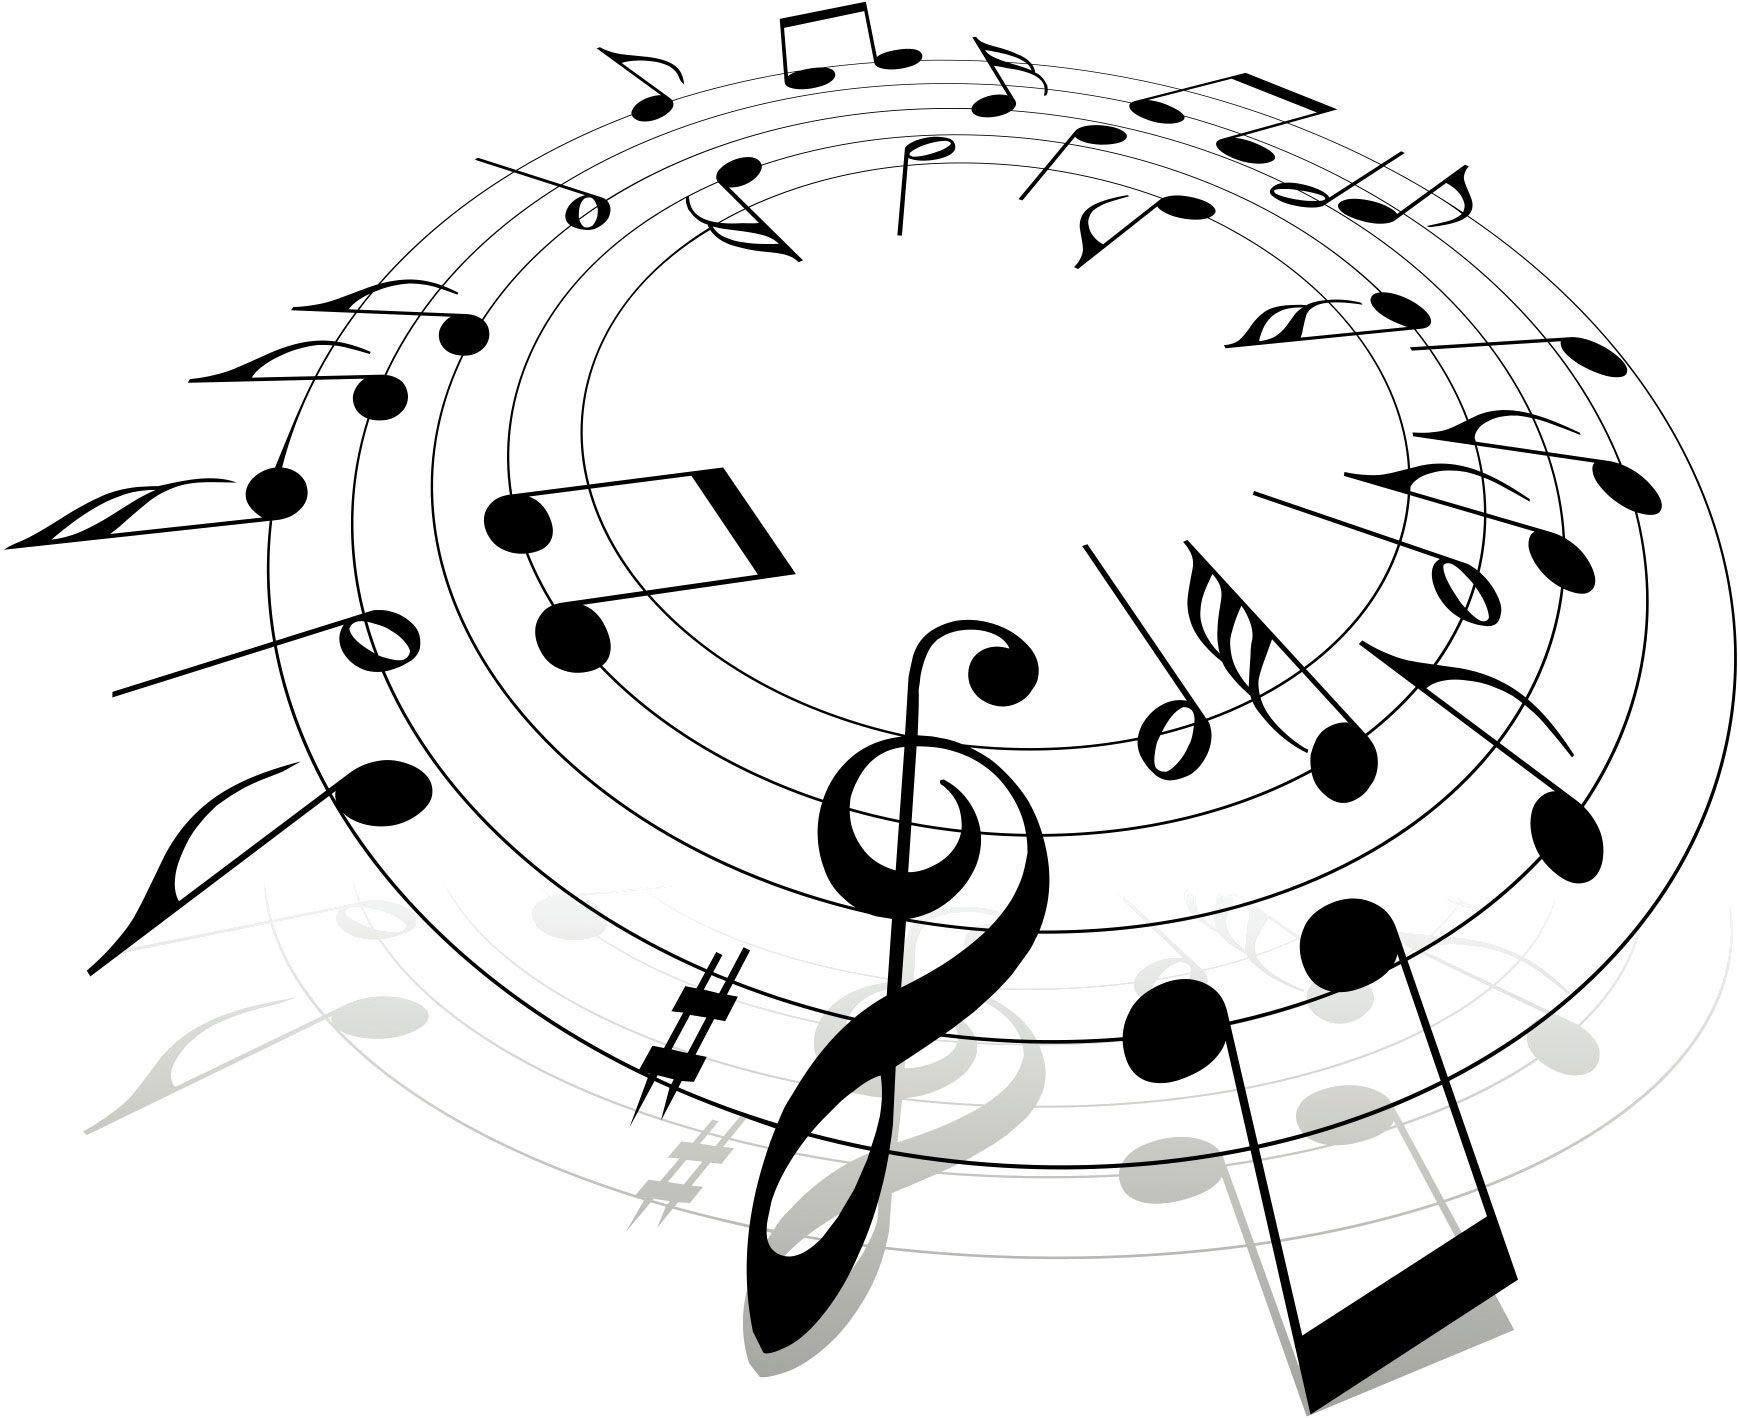 音符イラスト 楽譜サークル 無料のフリー素材 音符 イラスト 楽譜アート 音符